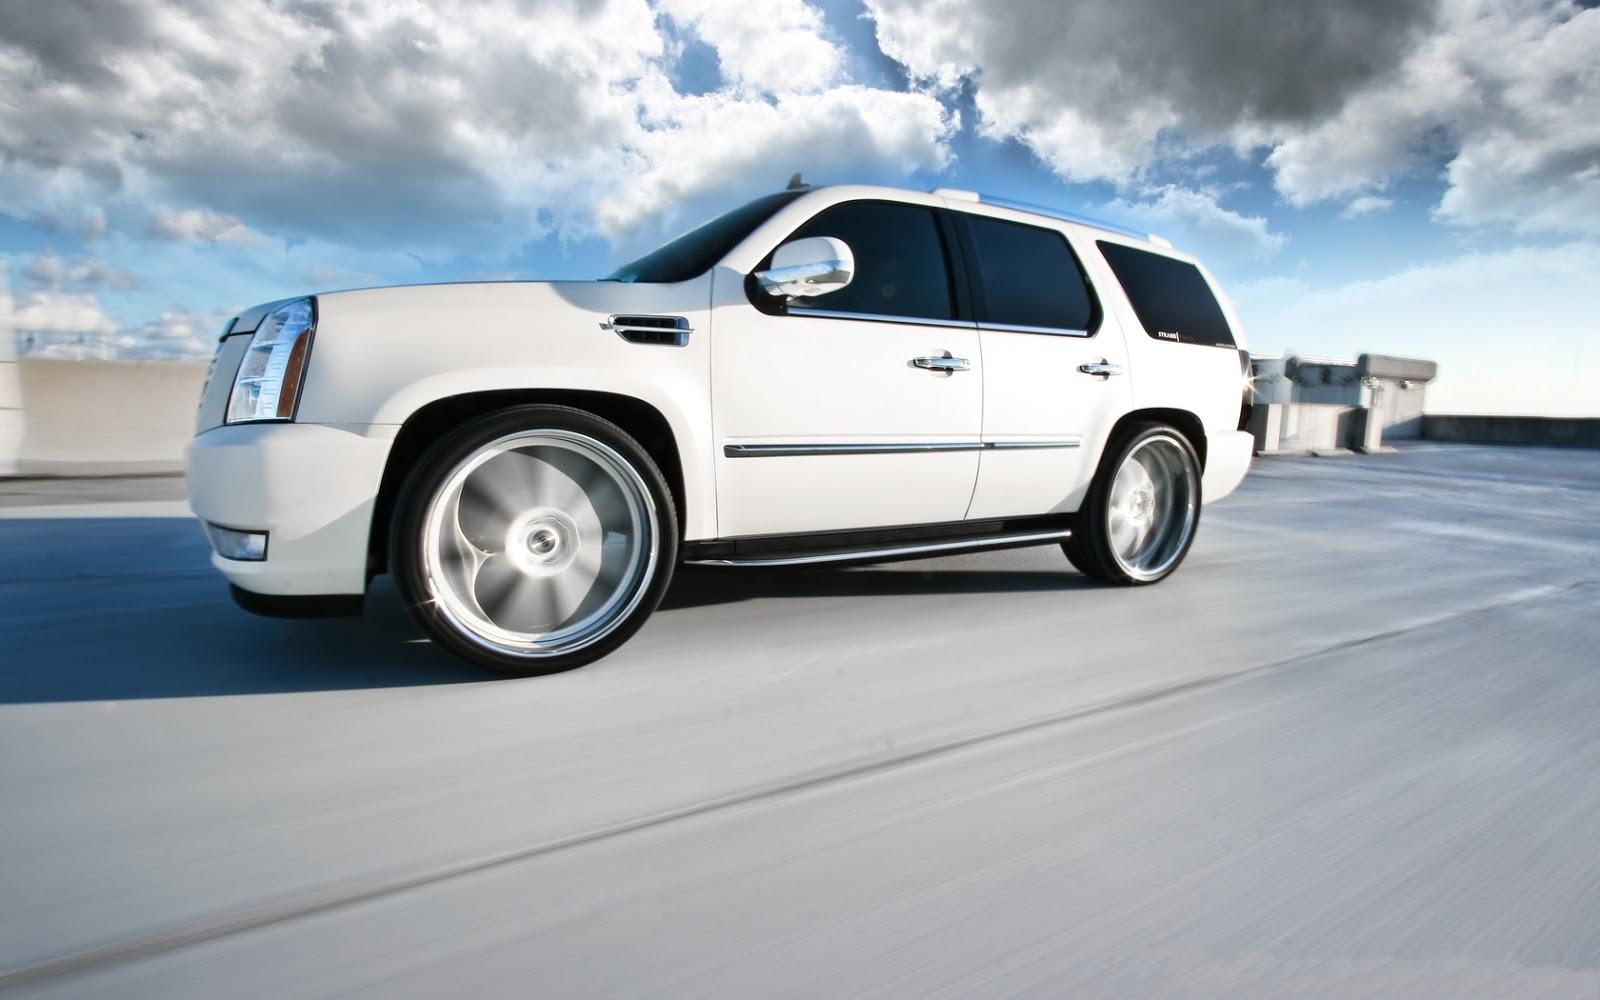 http://1.bp.blogspot.com/-PX3Jd6oNDPg/UNnWkSo6WgI/AAAAAAAAASM/lwgk5xaMNGA/s1600/Cadillac+Escalade+Hybrid+2013+Wallpapers.jpg